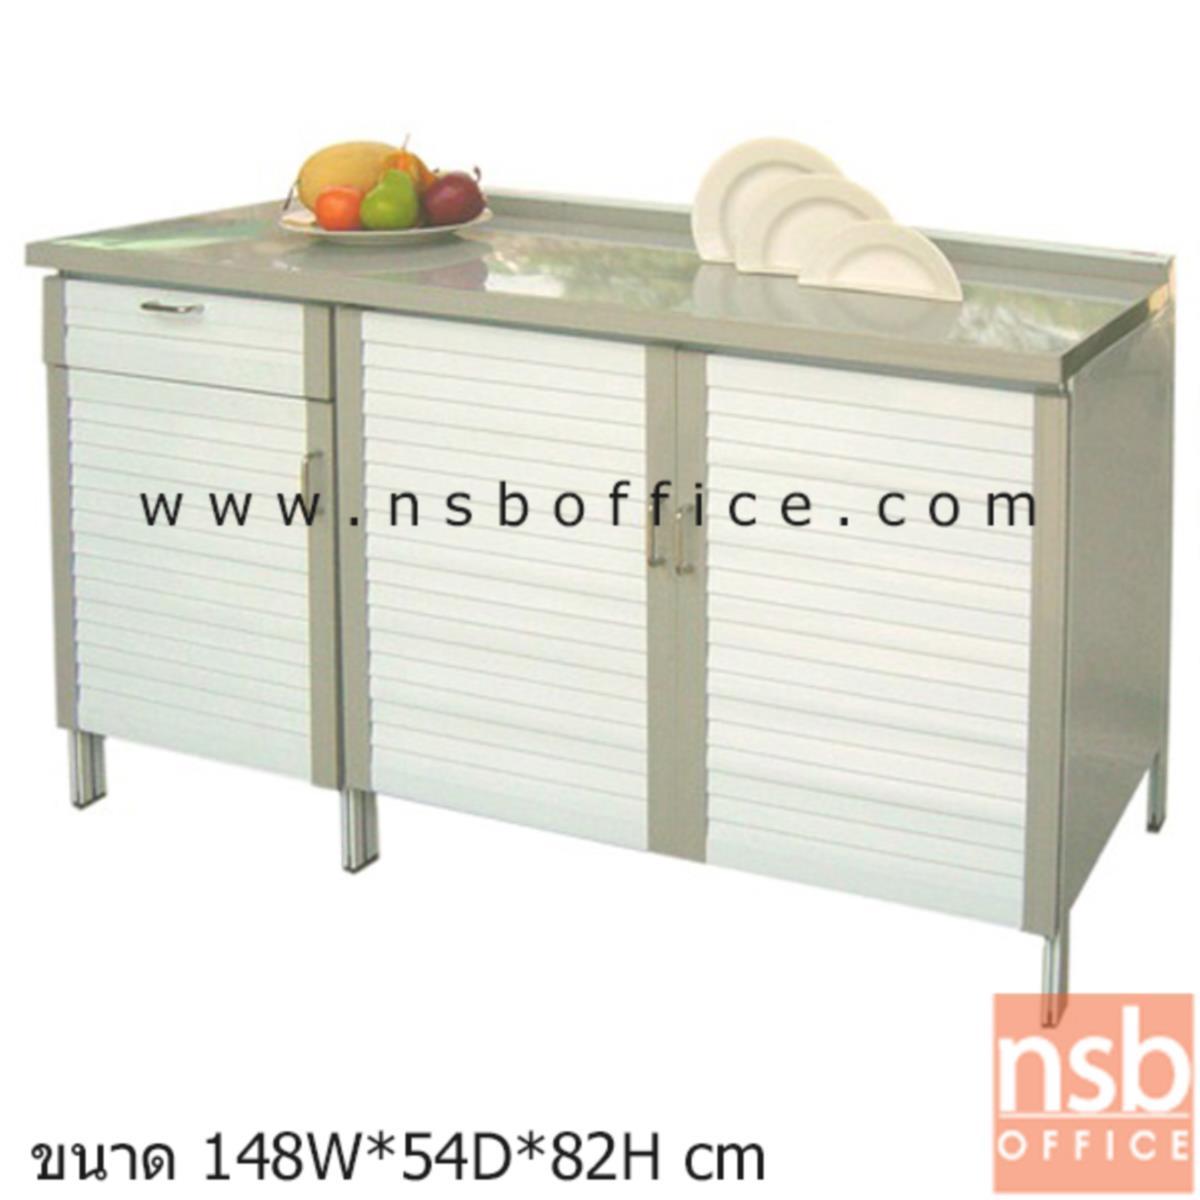 G07A073:ตู้ครัวหน้าเรียบ 1 ลิ้นชัก บานเปิดเก็บของ  100W, 148W cm